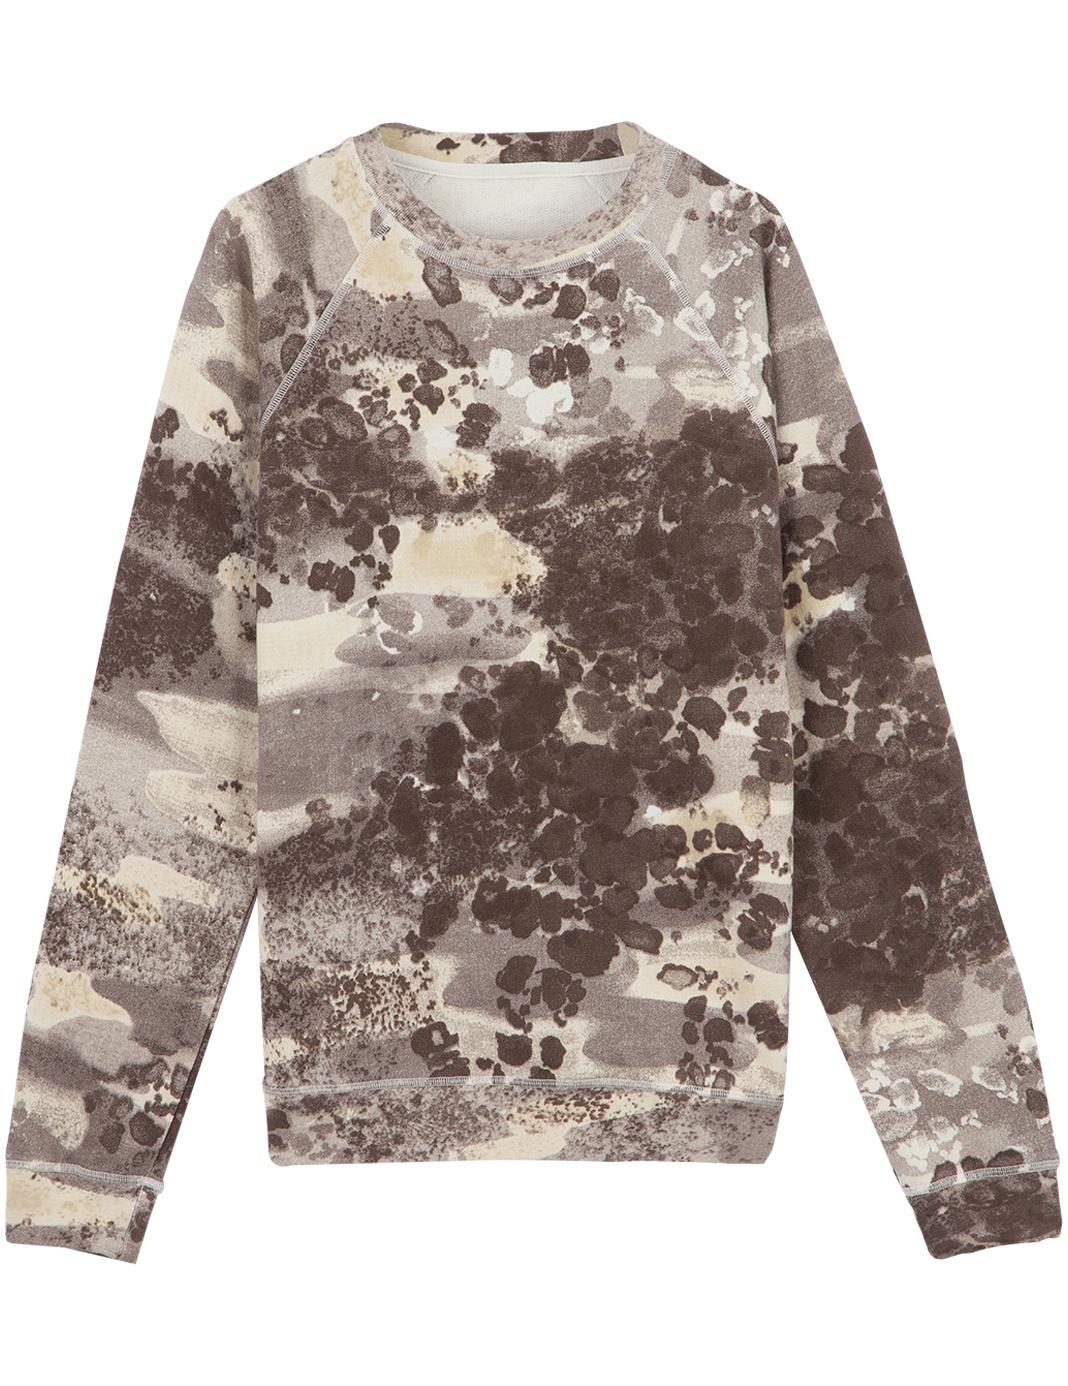 Gilet Gat Rimon chez la Redoute / Sweat-shirt Roseanna pour Monoprix / Robe Margaux Lonnberg chez Shopnextdoor / Nike Rosherun chez les 3 Suisses